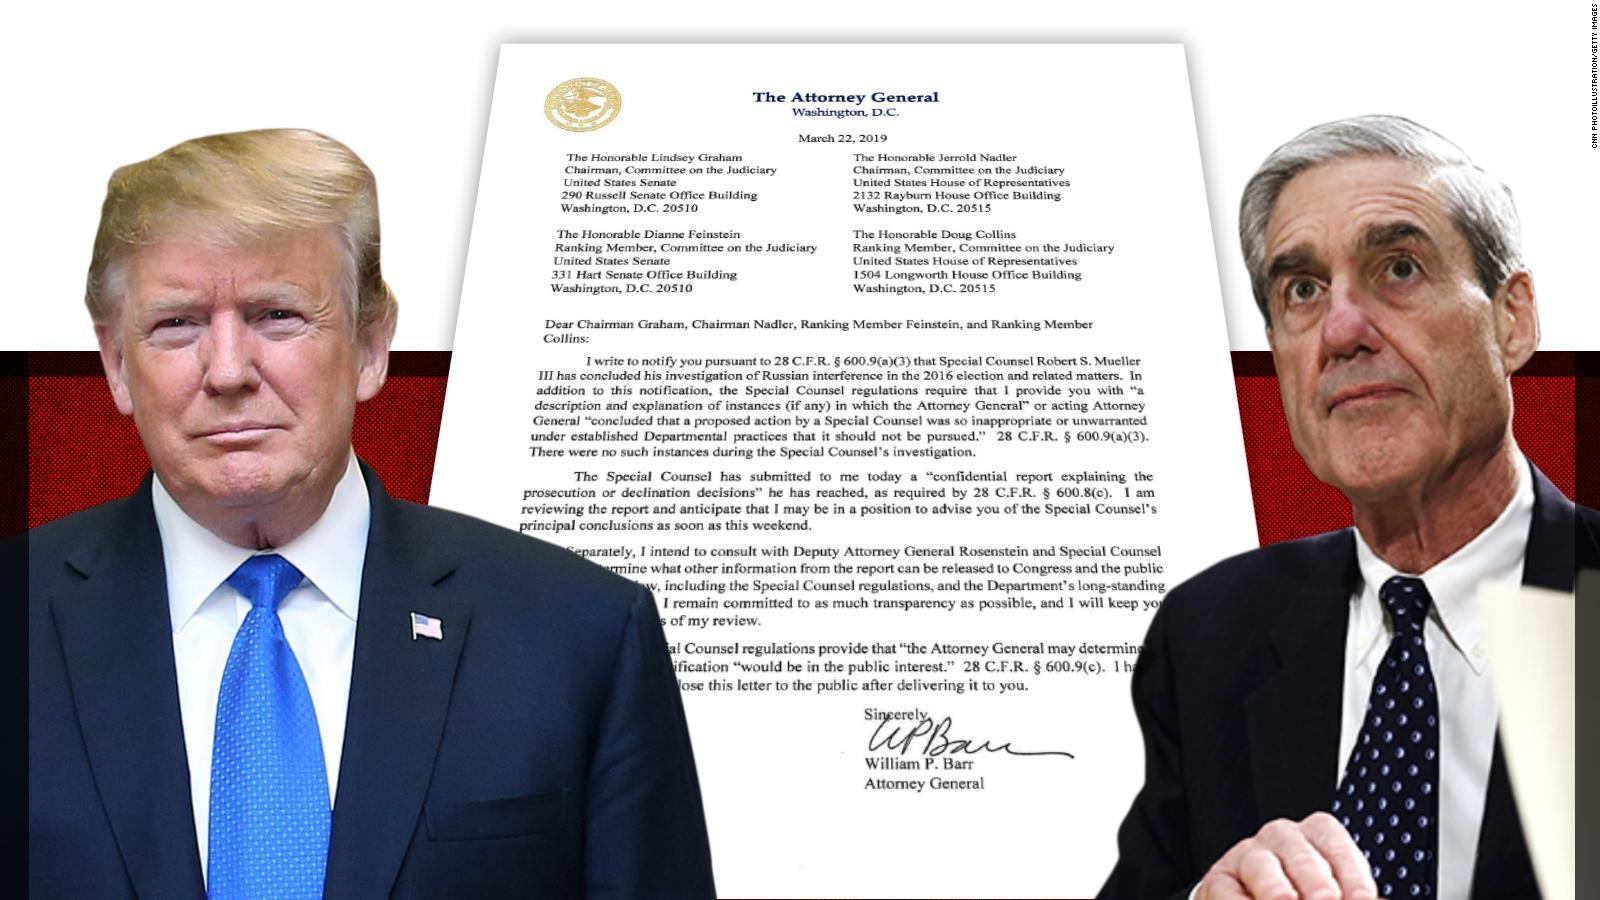 Lo que ya ha revelado la investigación de Robert Mueller